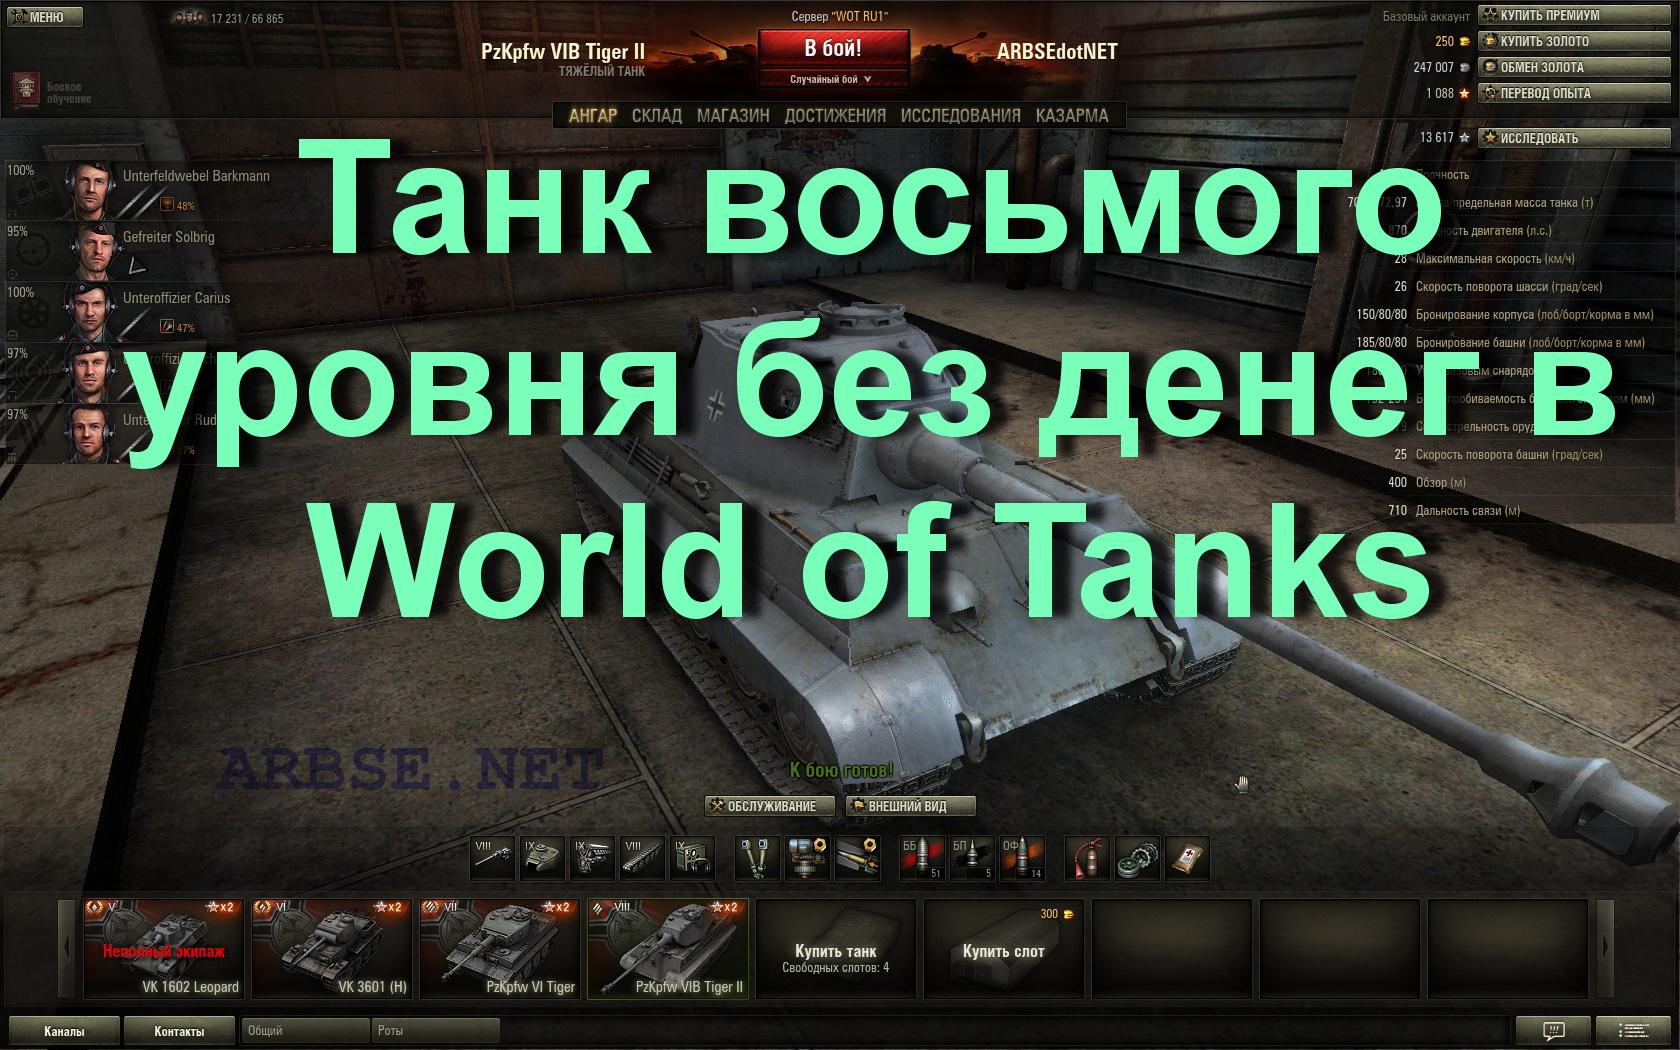 танки в ворлд оф танк: